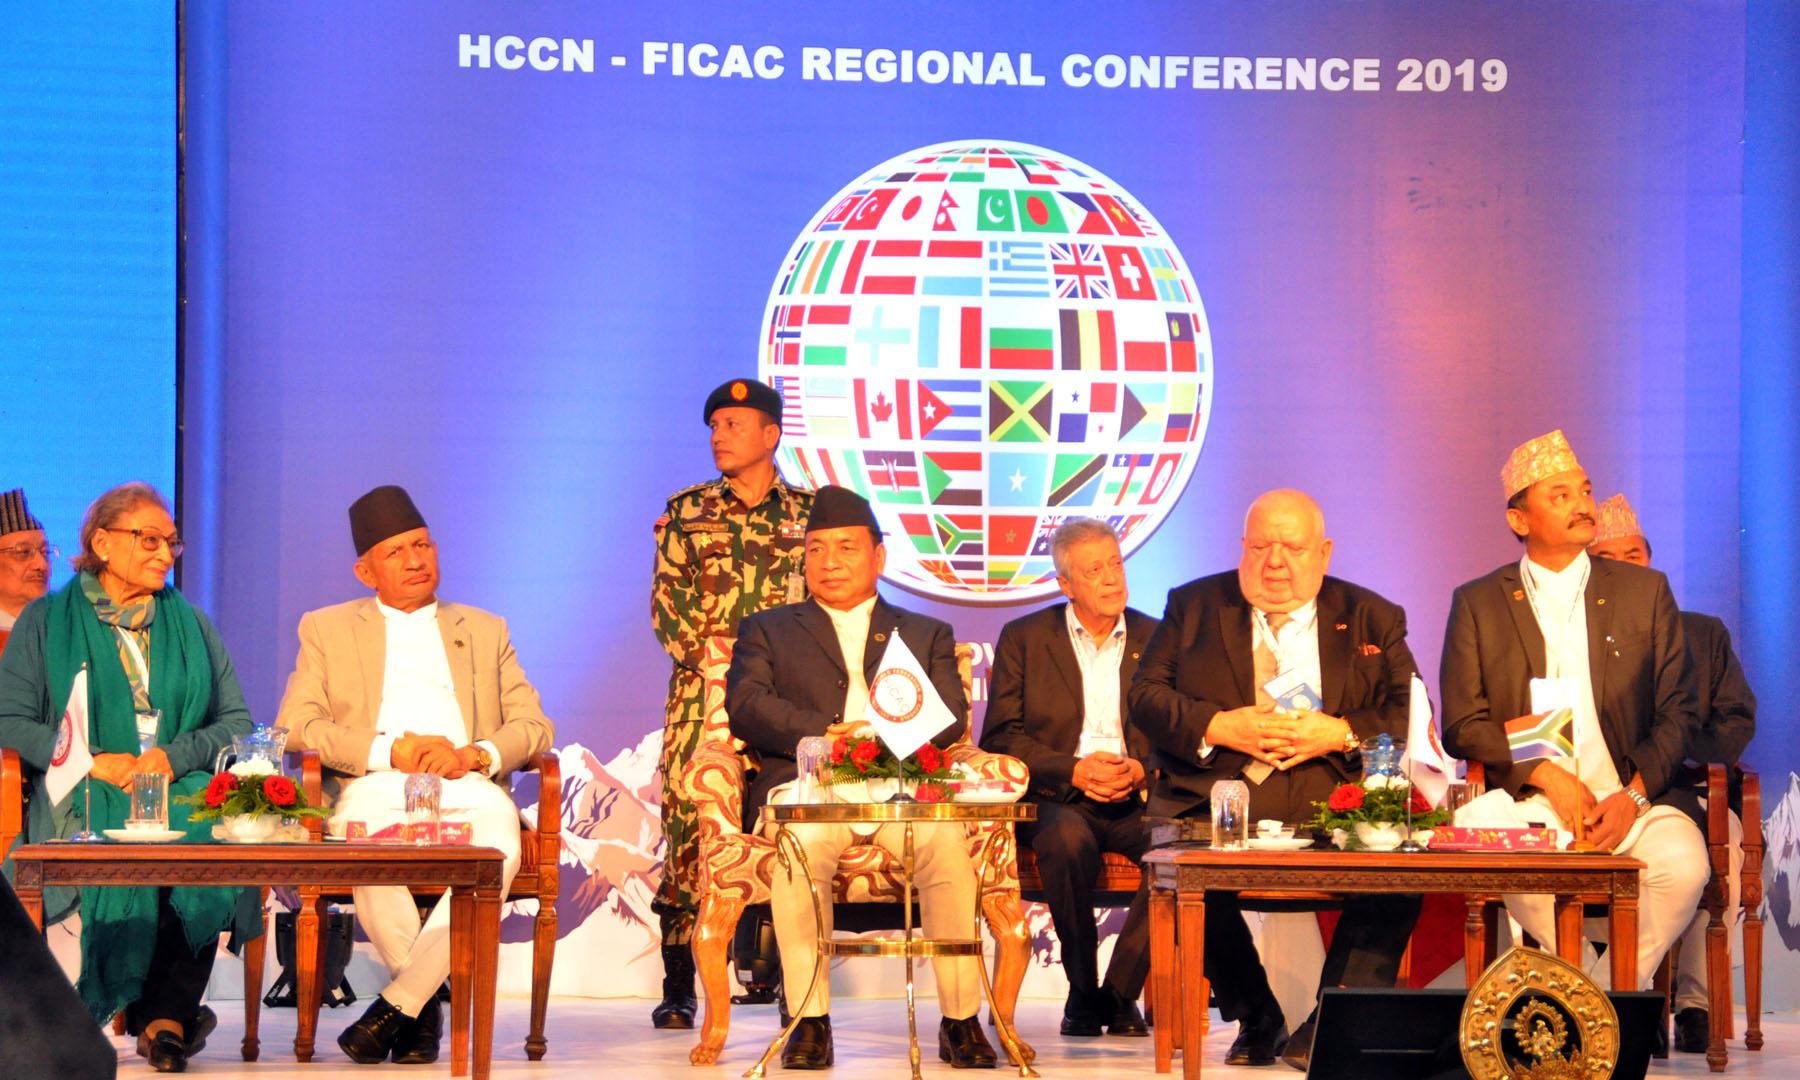 एचसिसीएनको क्षेत्रीय सम्मेलन शुरु, लगानी र आर्थिक कूटनीति विस्तारमा जोड